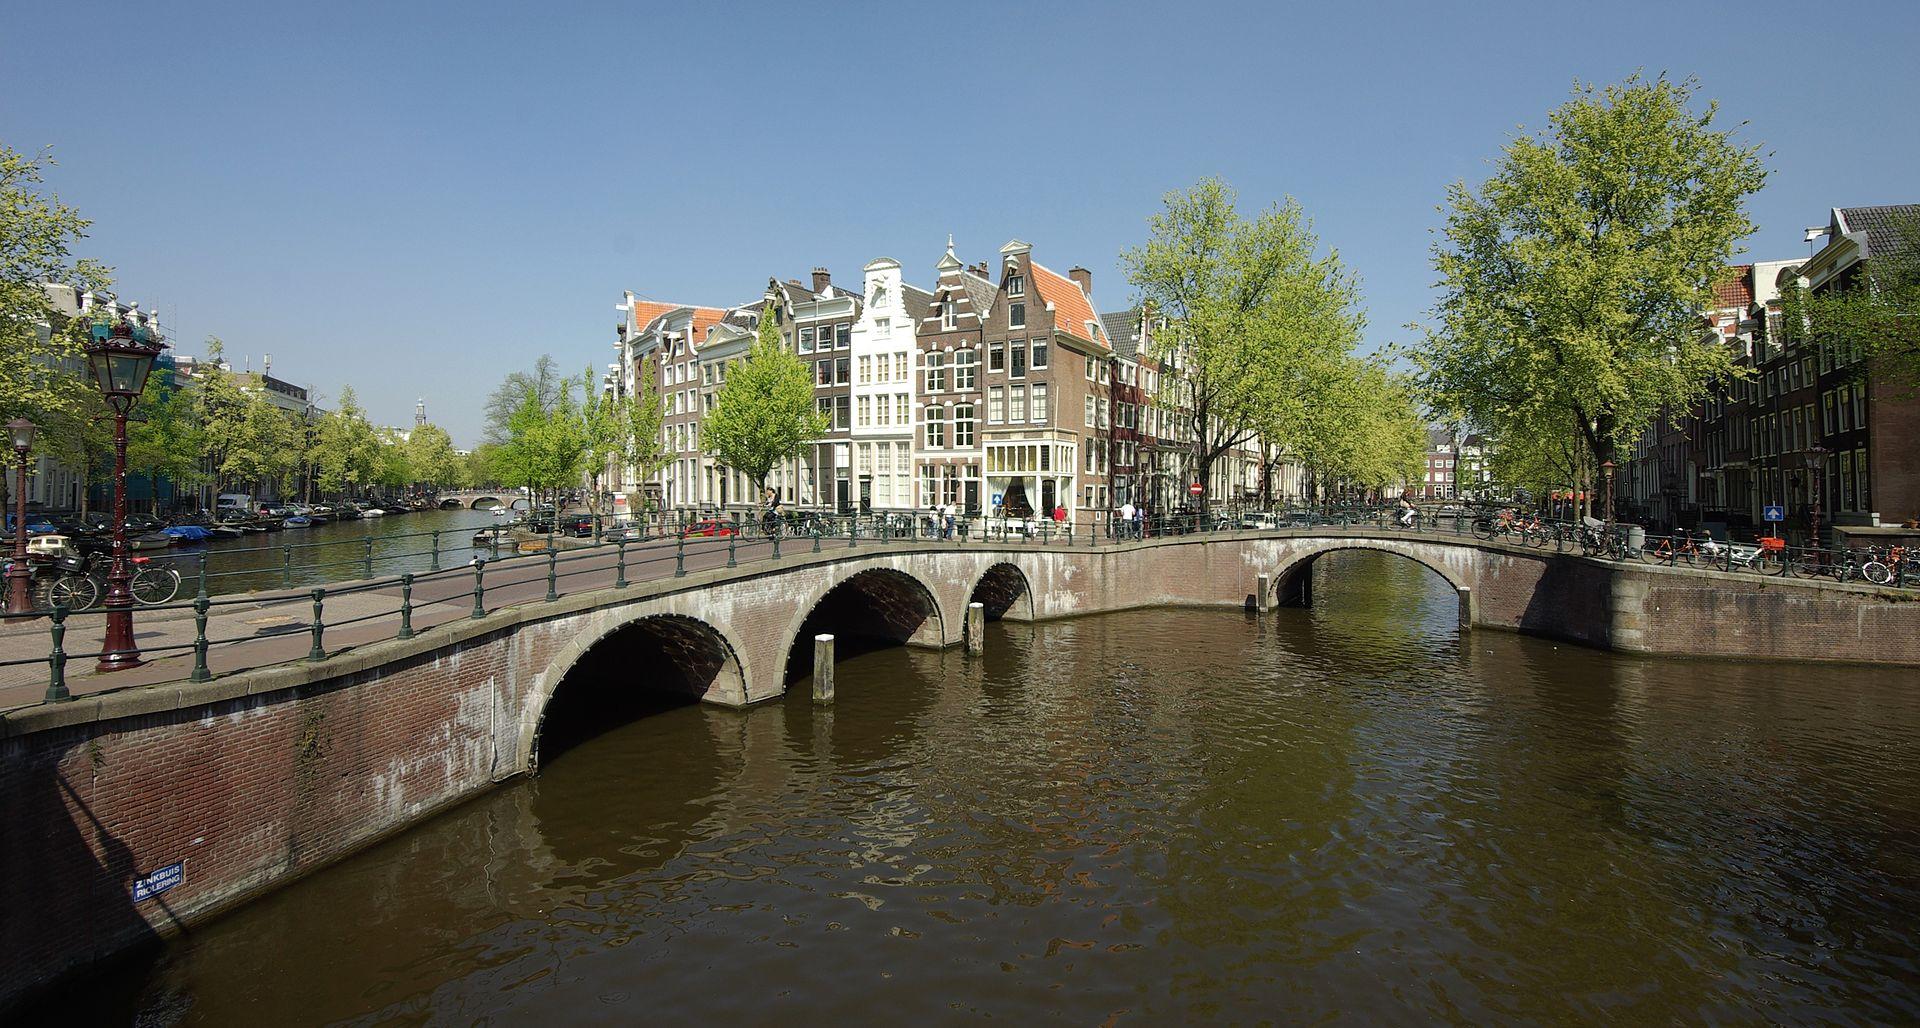 Amsterdam_Keizersgracht_Leidsegracht_001.jpg